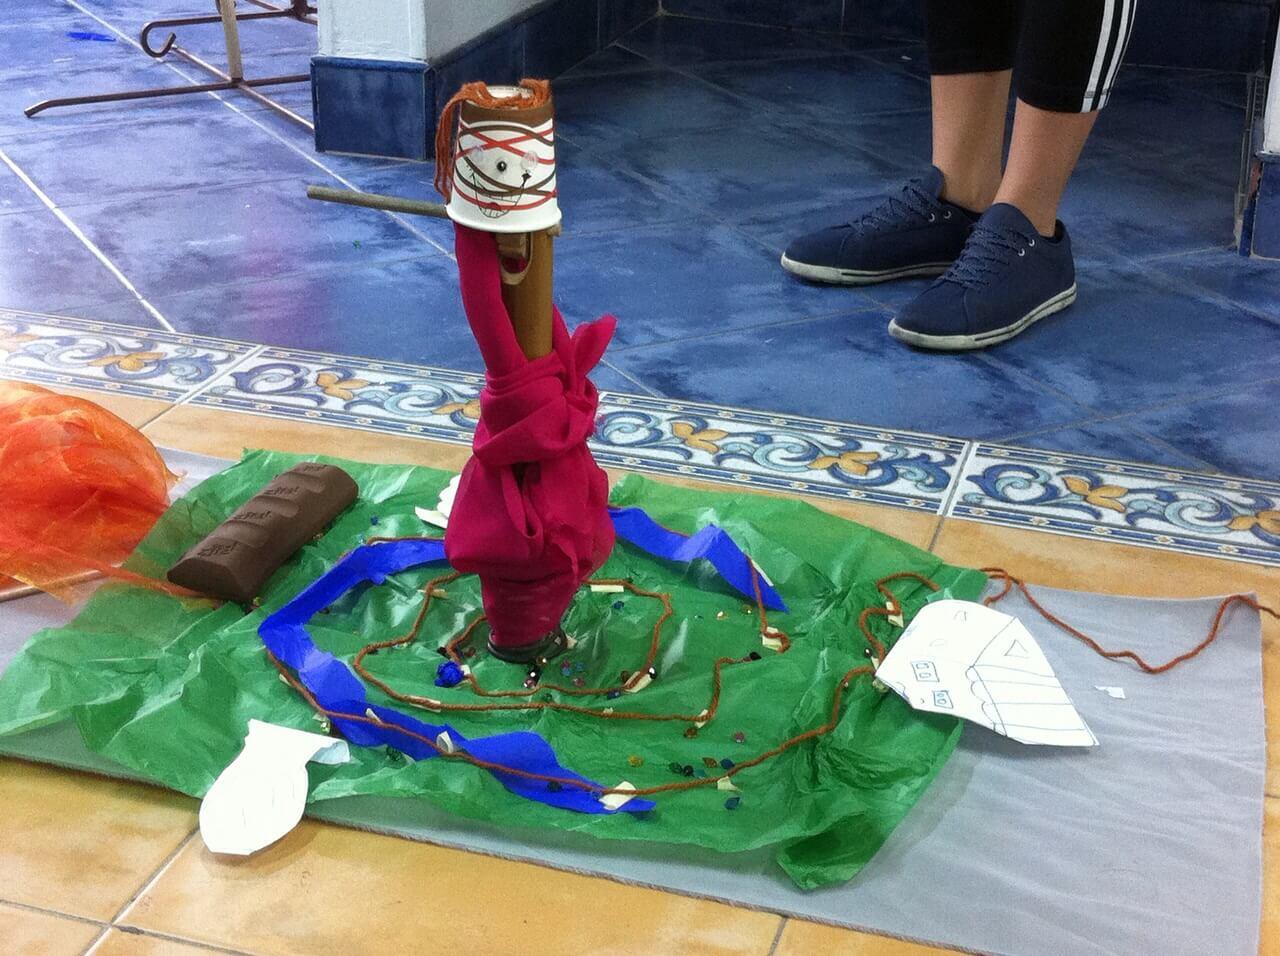 Utilizando diferentes materiales, los participantes hicieron construcciones a partir de las preguntas: ¿quién soy?, ¿quién es el niño y la niña?, ¿qué quiero para ellos?